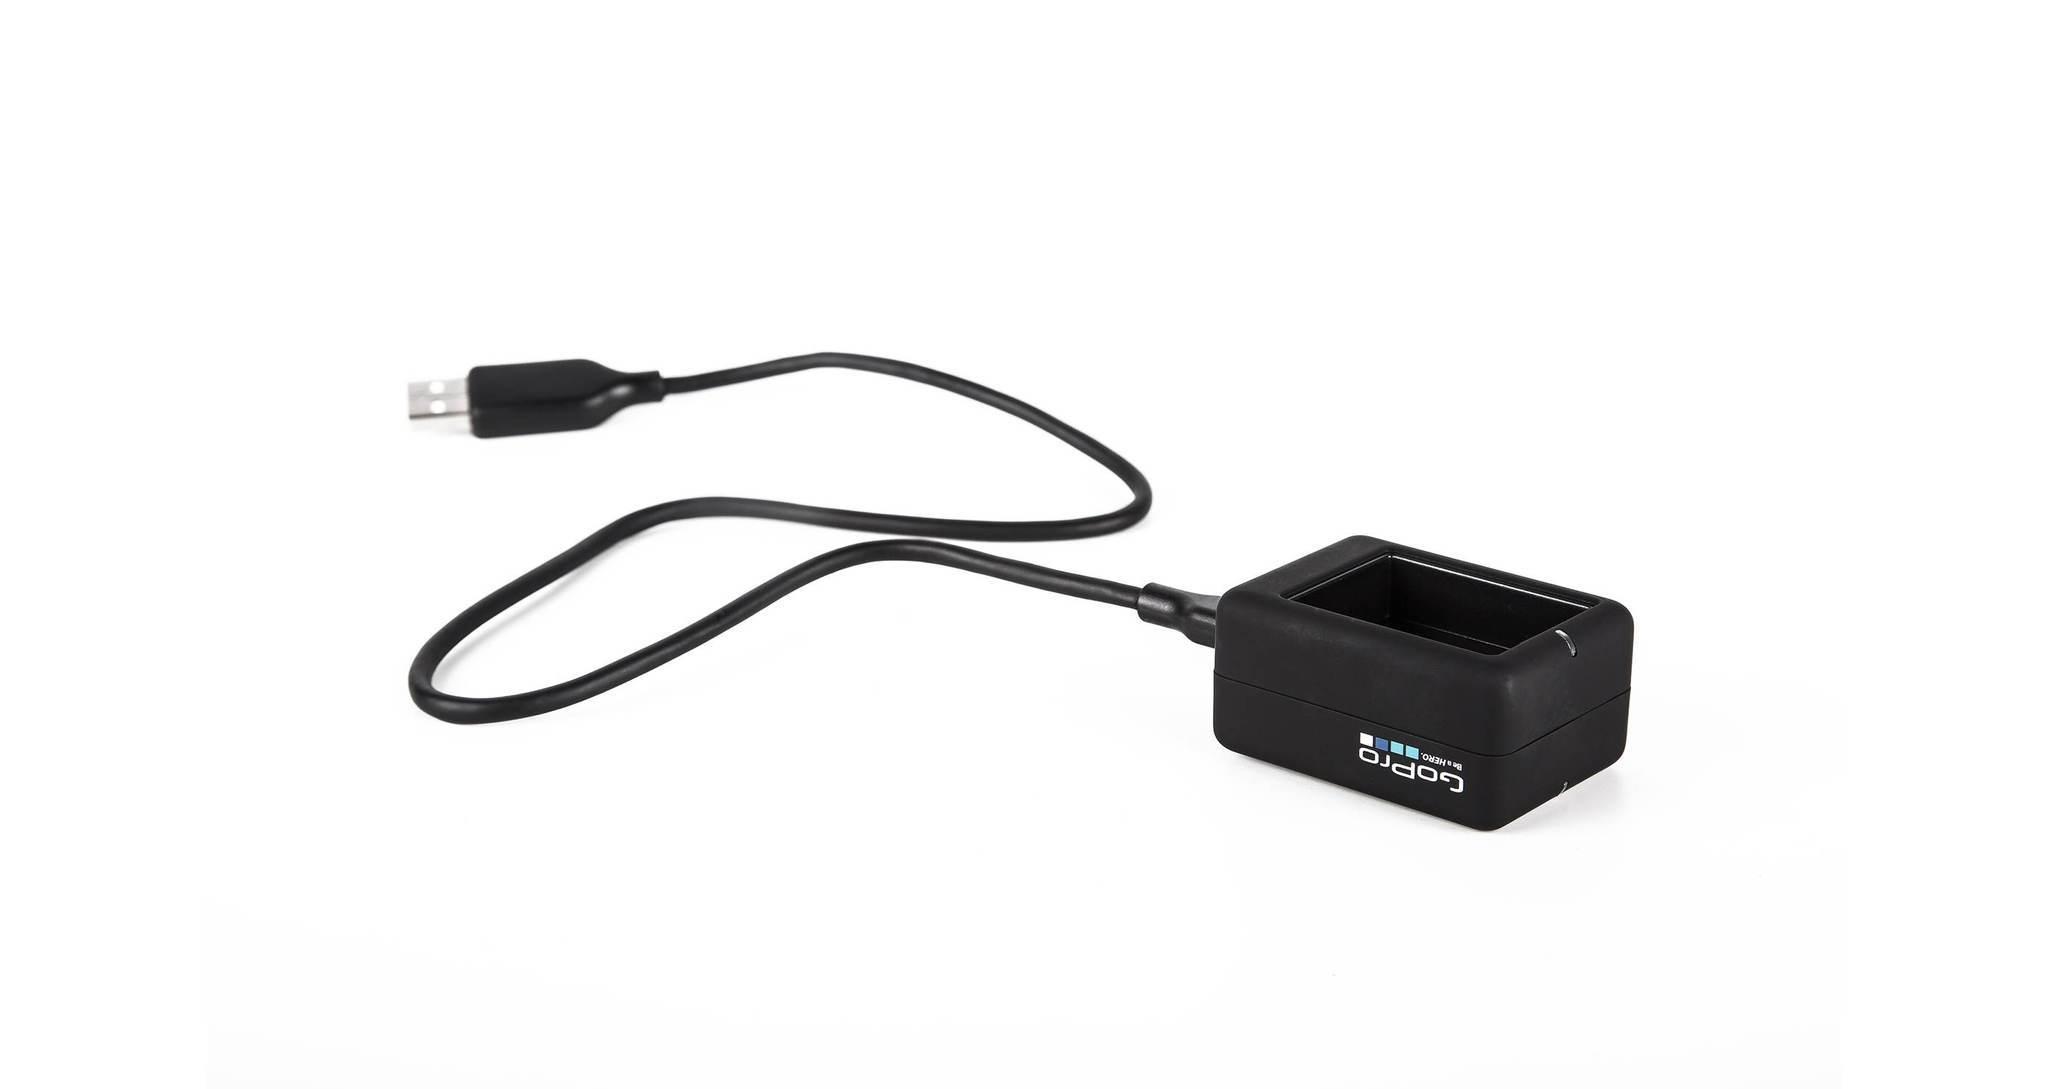 Зарядное устройство для 2-х аккумуляторных батарей Dual Battery Charger (AHBBP-301) с кабелем